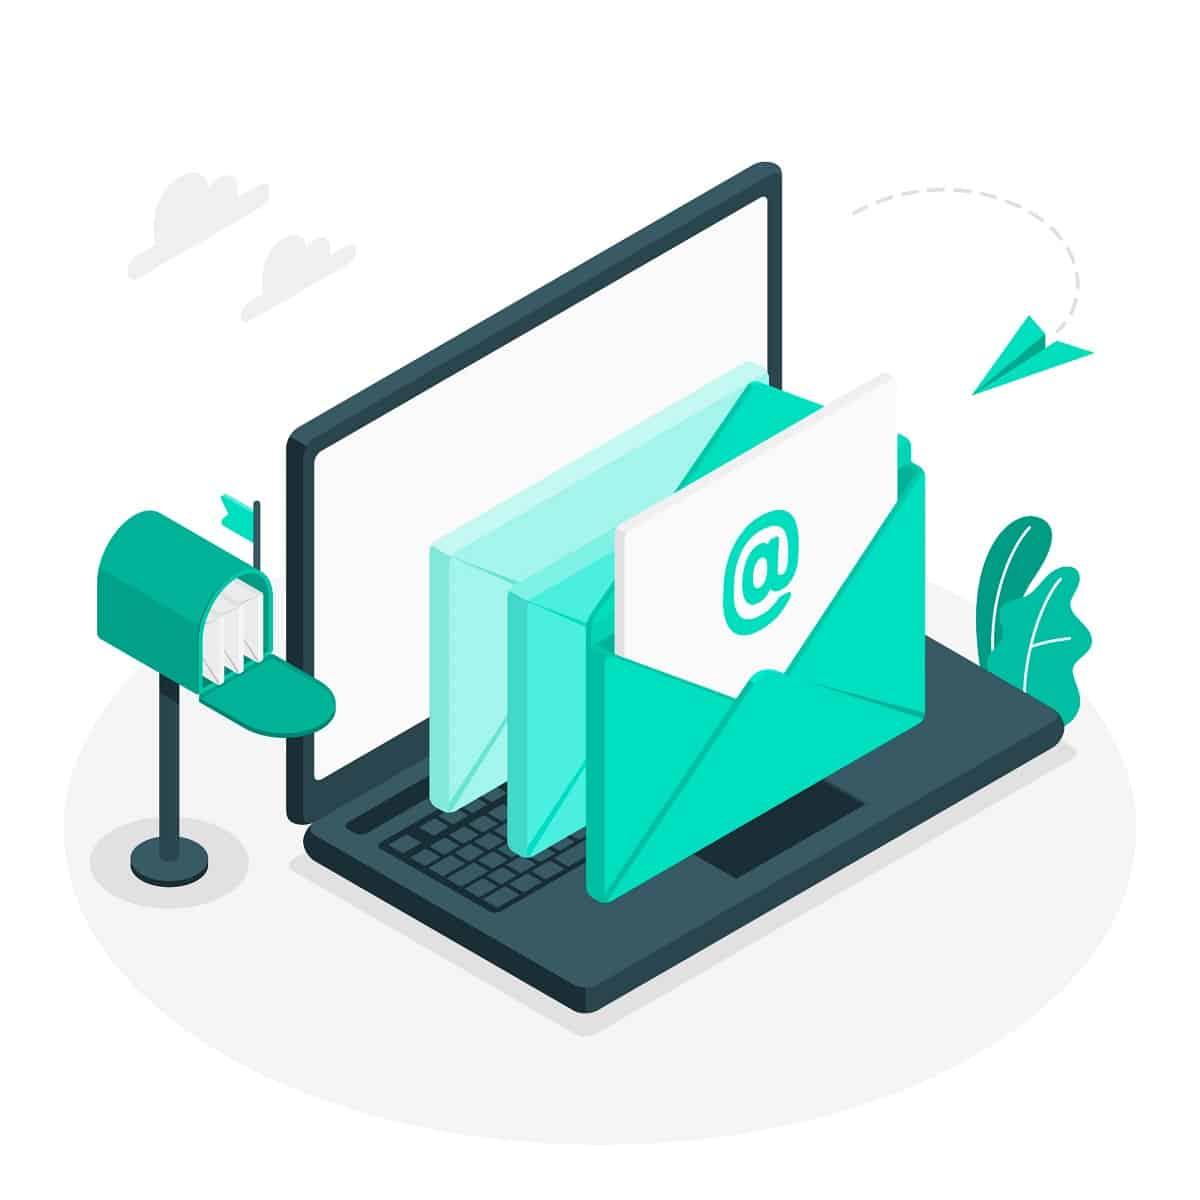 diferencias entre alias y cuenta de correo electrónico net4email netquatro